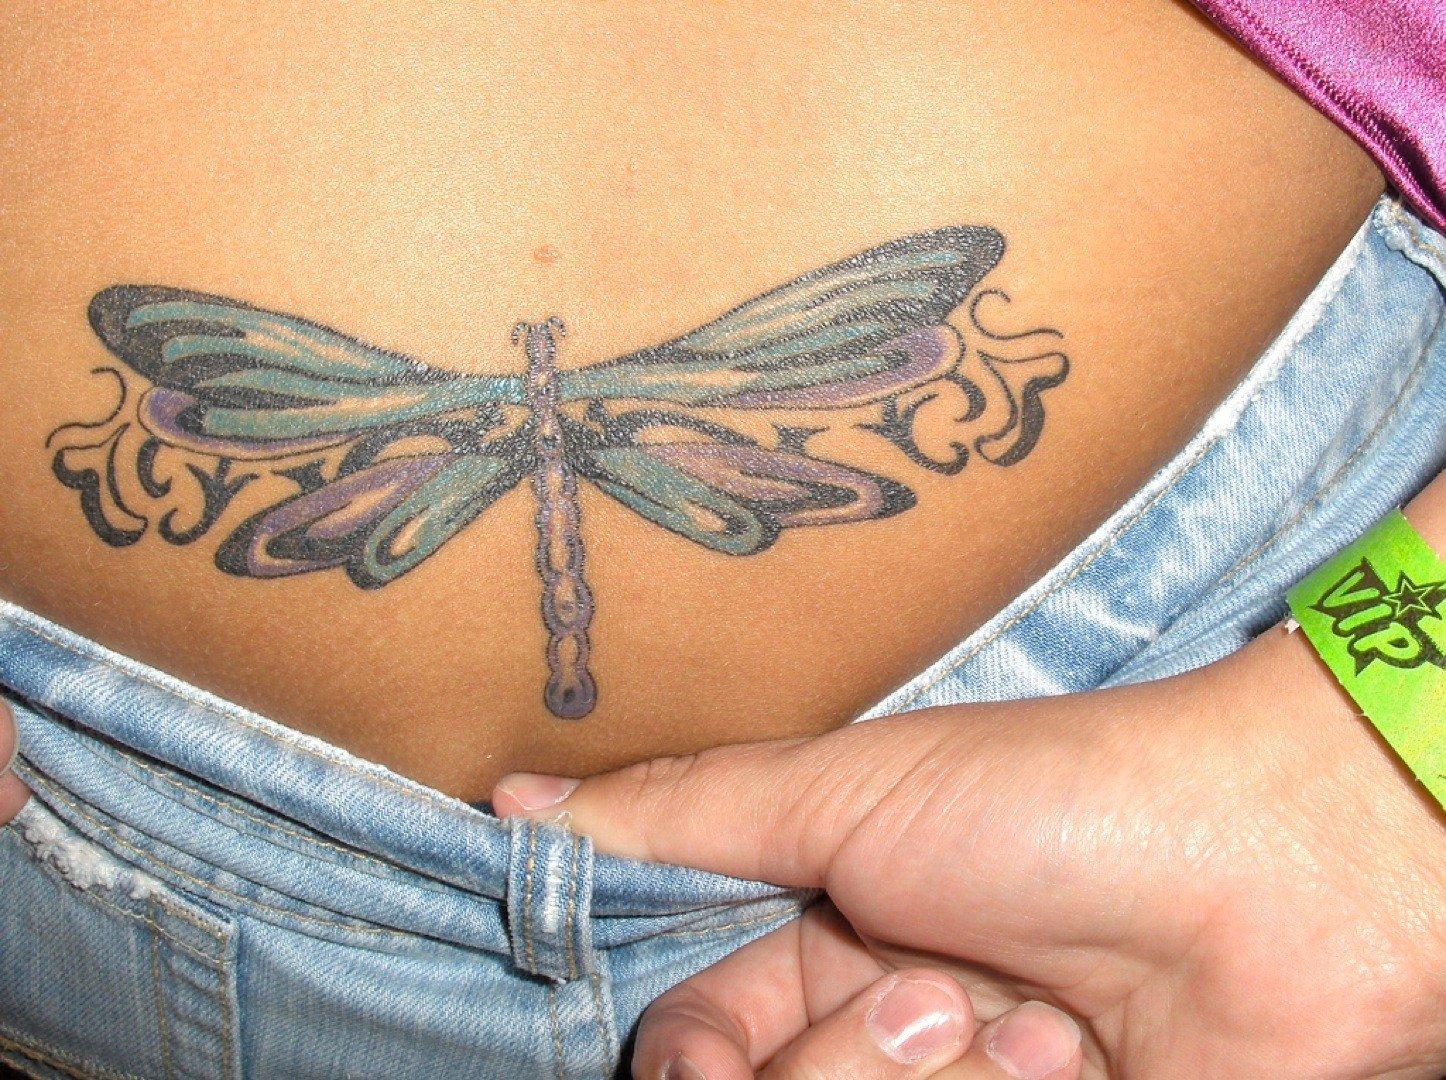 Фото татуировок на женском интимном месте